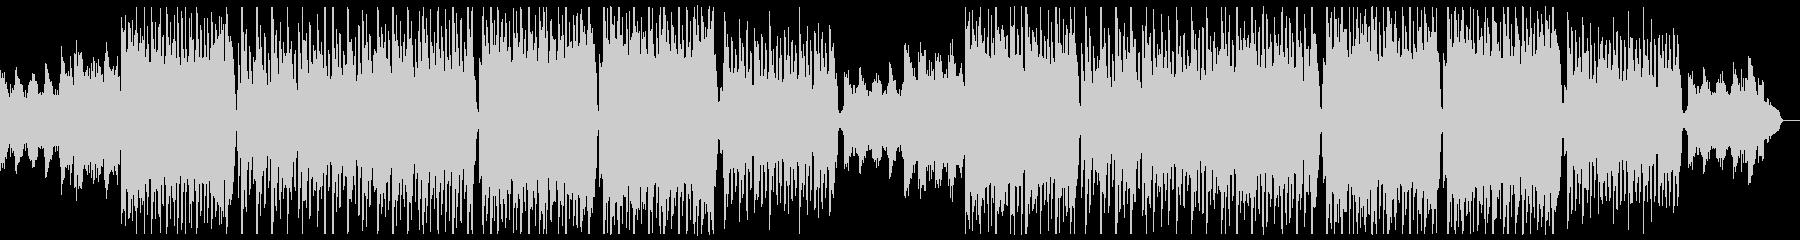 明るく爽やかなピアノ&シンセ:フルx2の未再生の波形